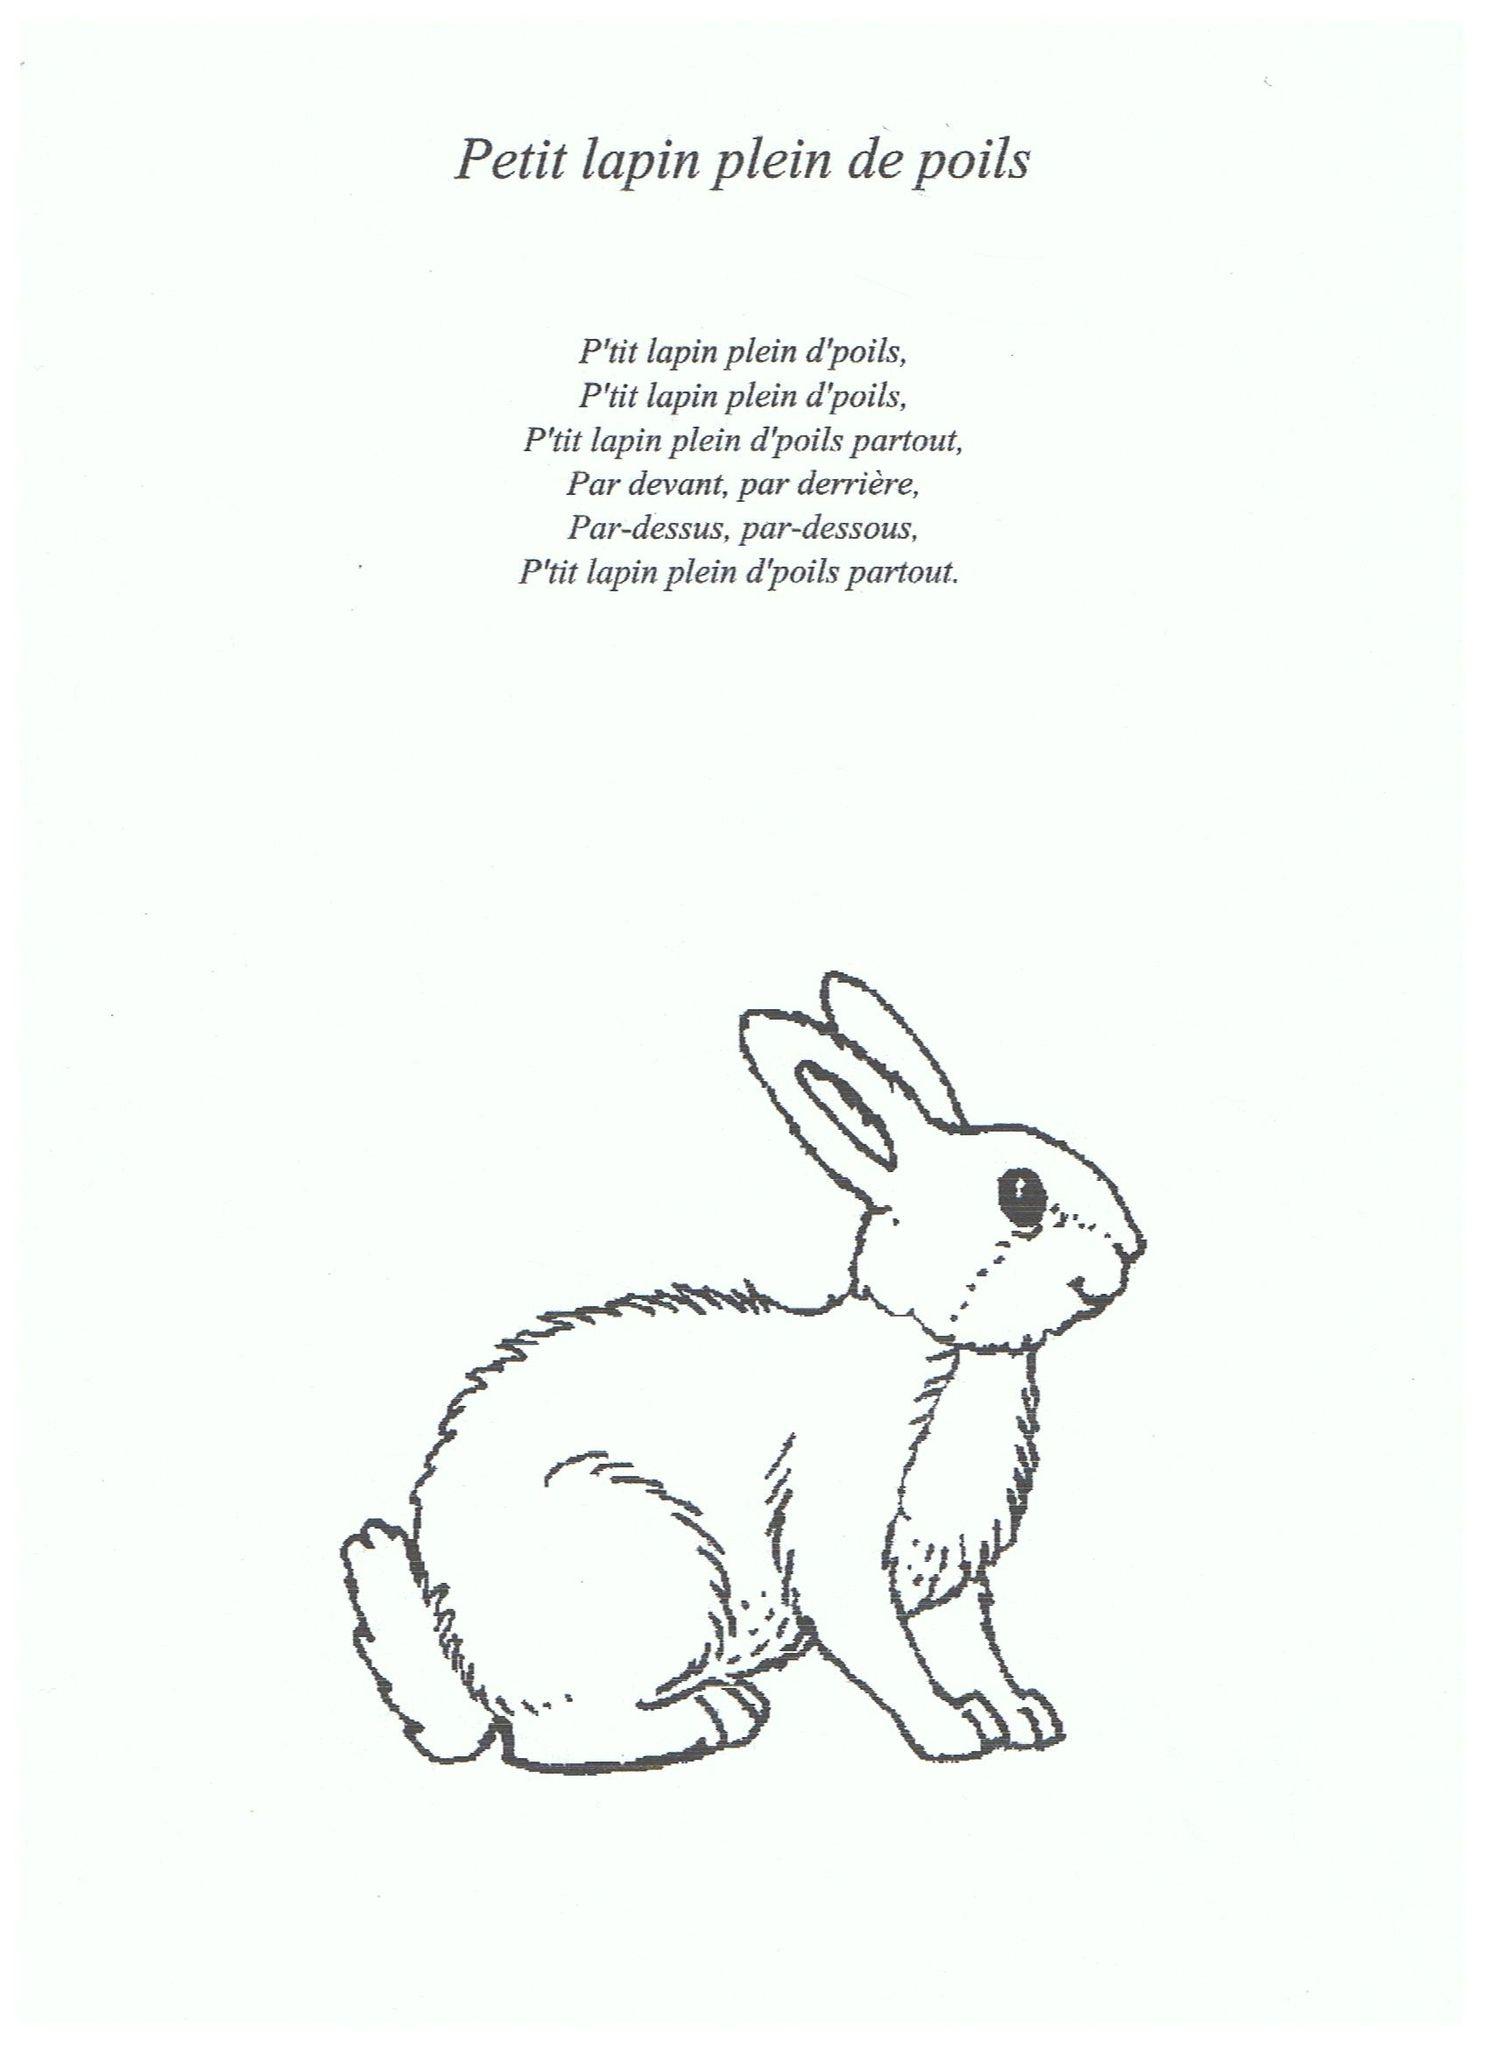 35 Petit Lapin Plein De Poils - Photo De 9.3 - Chansons Et concernant Chanson Enfant Lapin